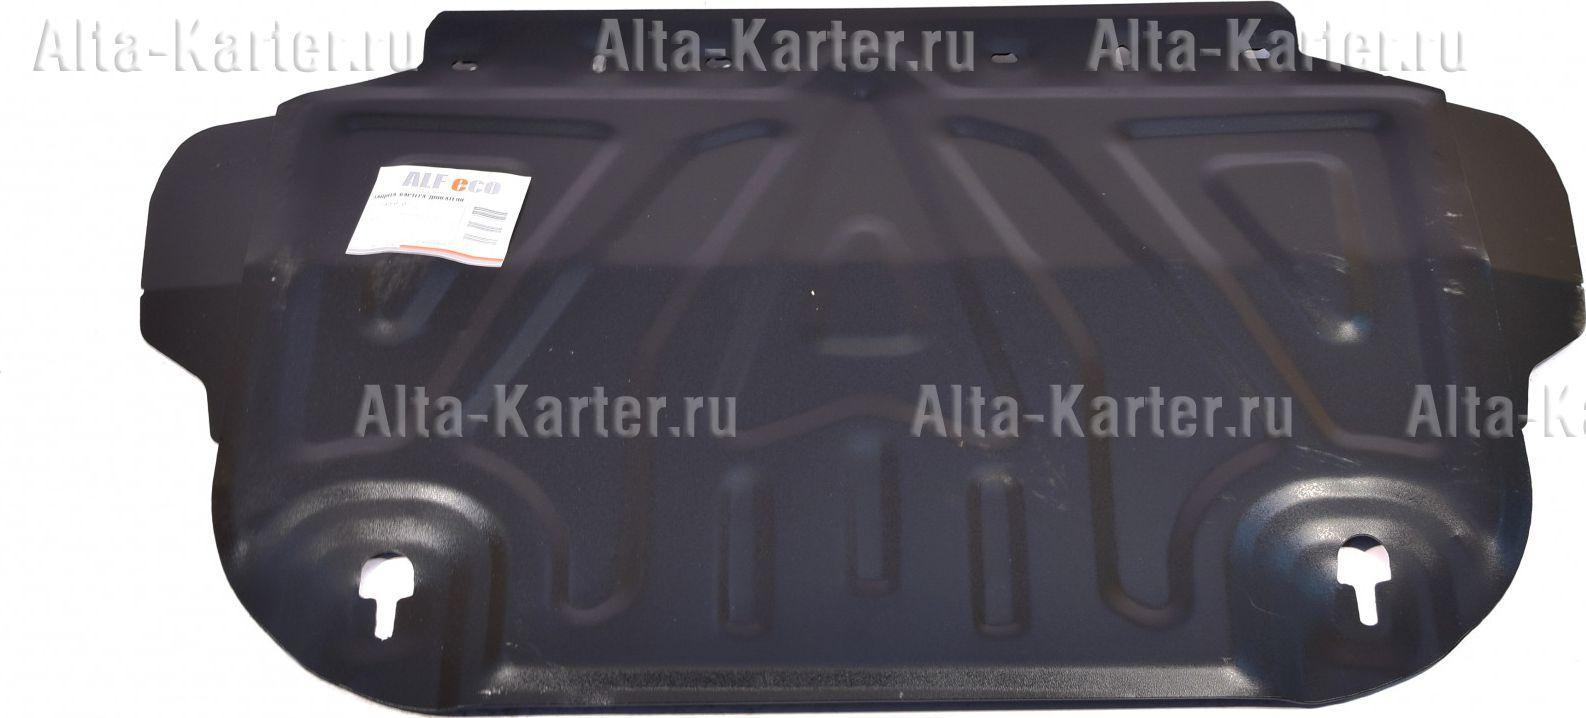 Защита Alfeco для картера и КПП Mazda 6 III 2012-2021. Артикул ALF.13.070